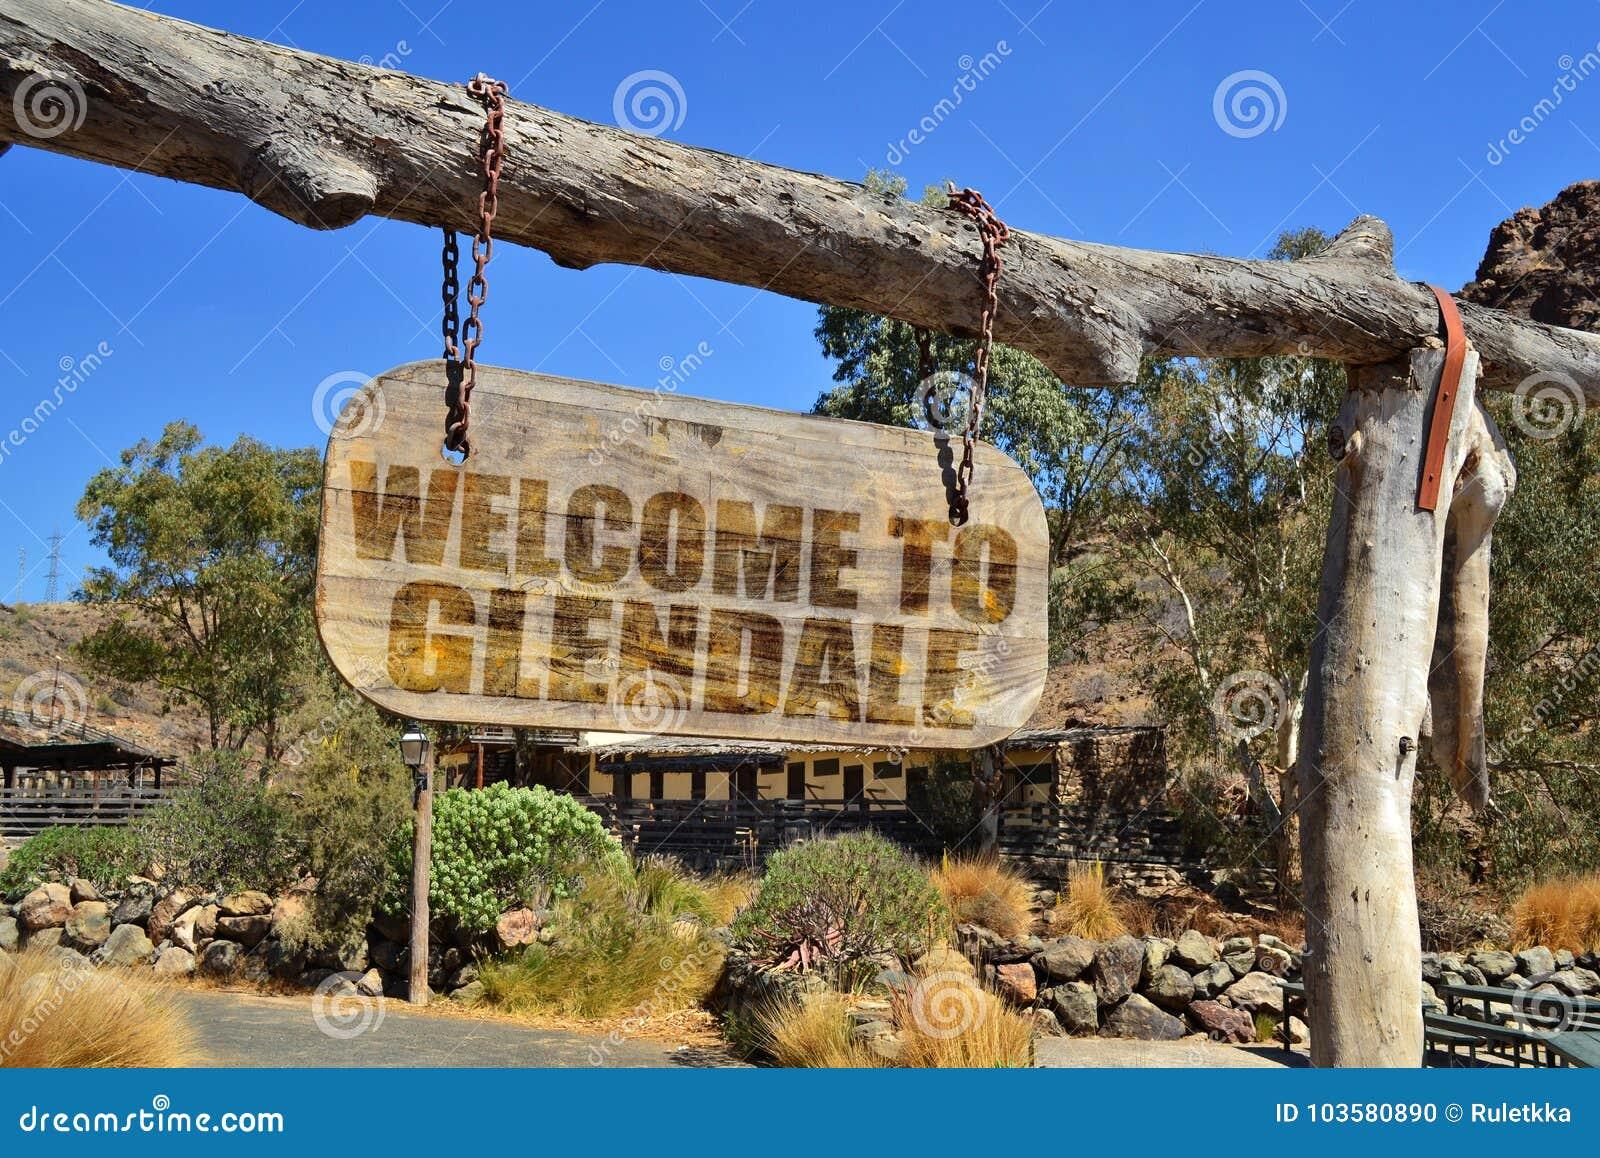 Gammal wood skylt med textvälkomnande till Glendale hänga på en filial